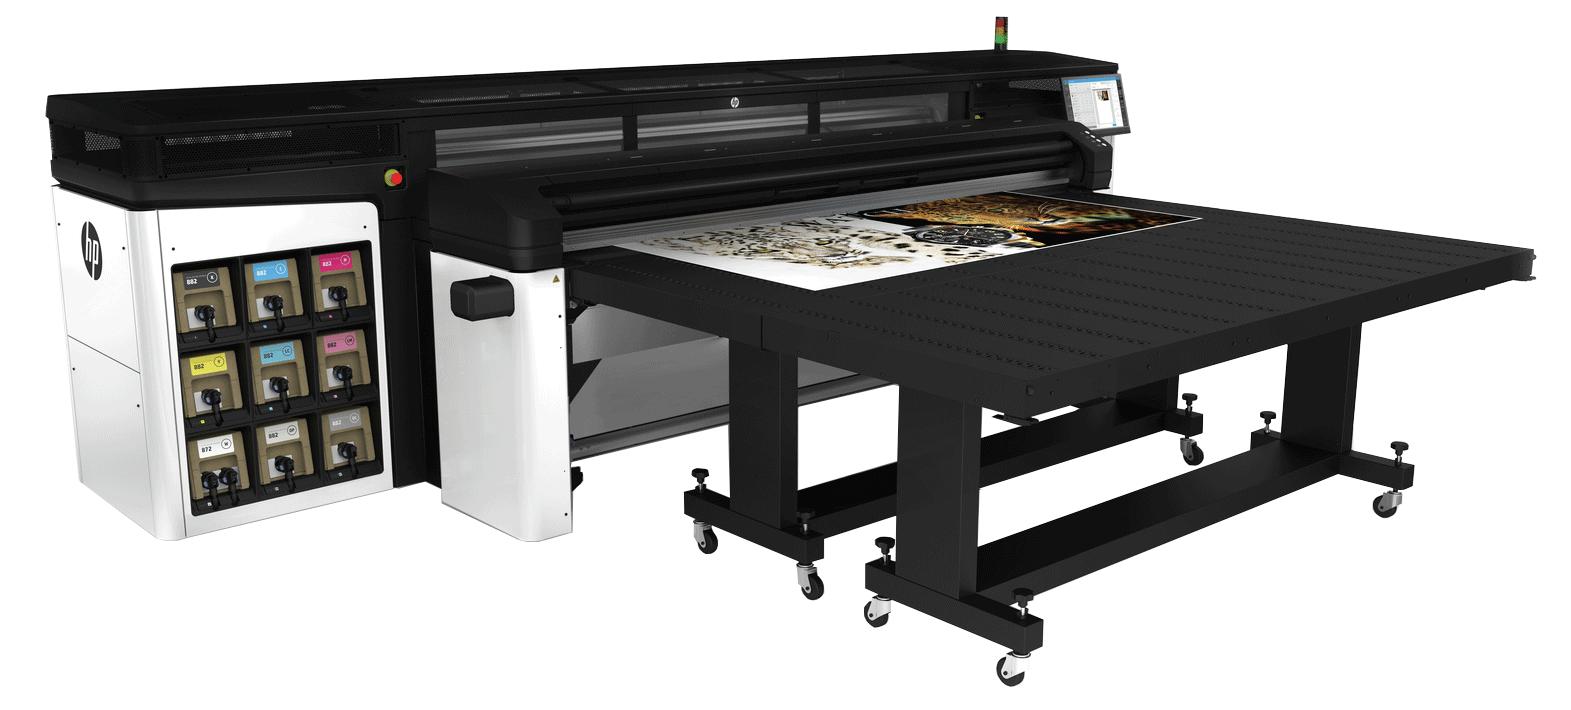 HP Latex R2000 Plus Printer